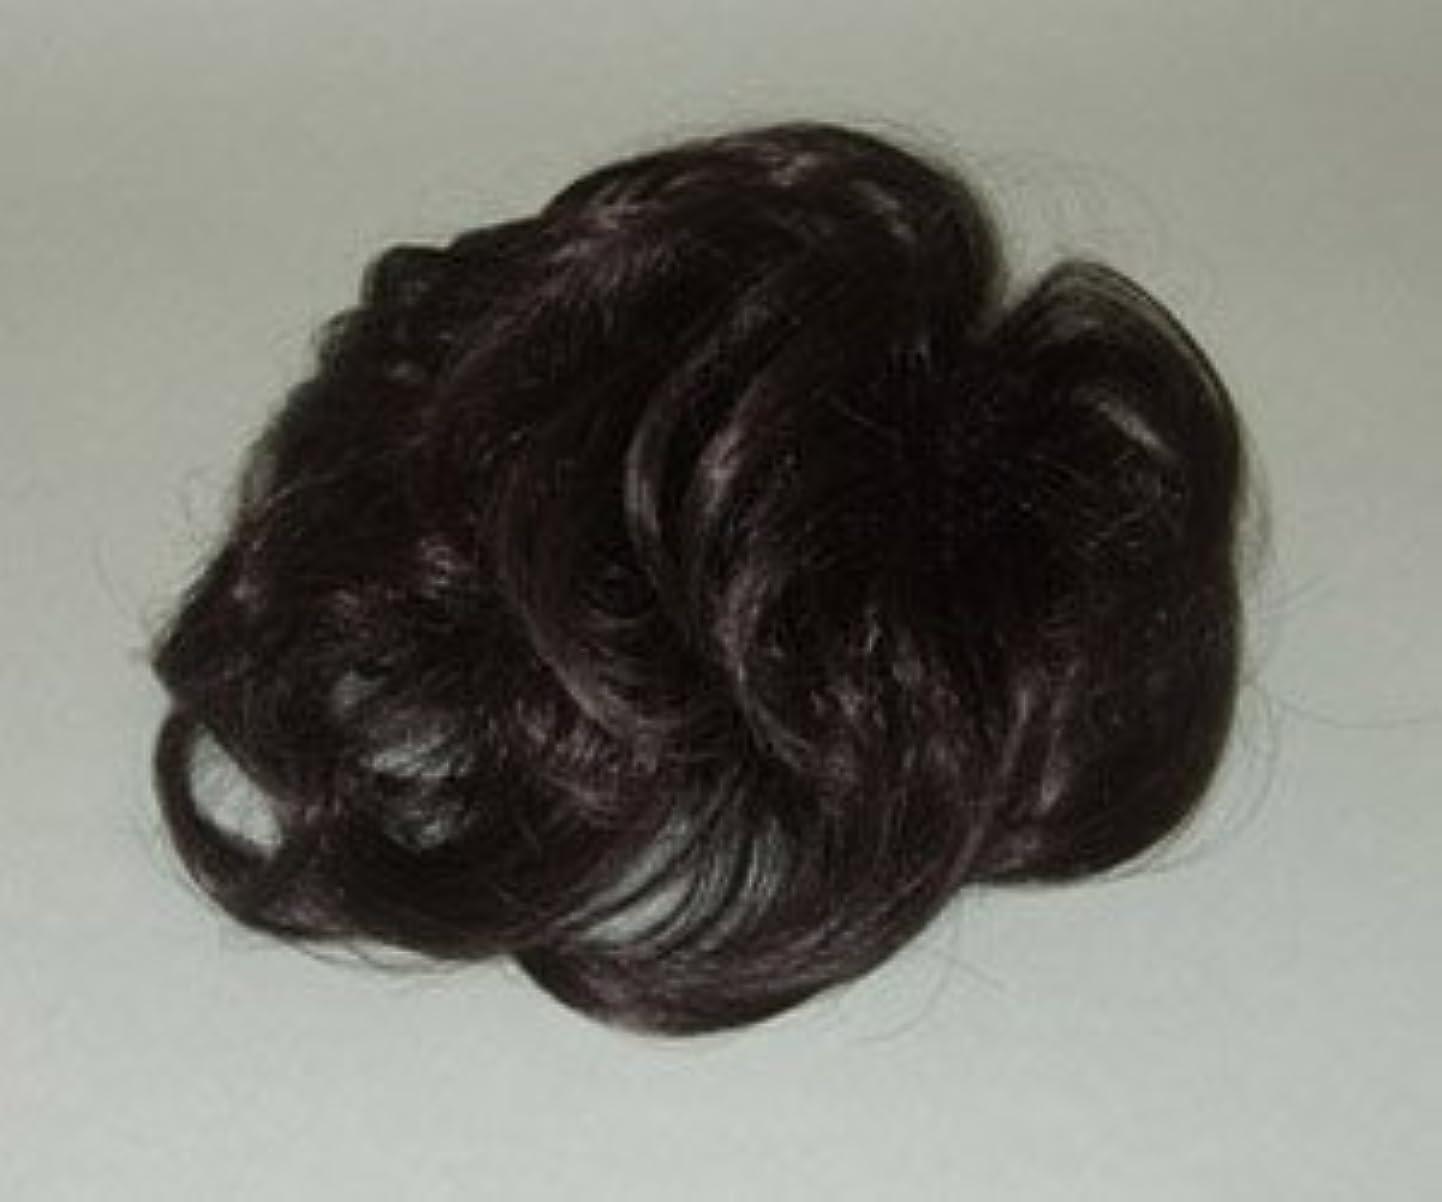 アルカトラズ島徹底的に群衆富士パックス販売 ボンヘアー BON HAIR (ボリュームアップタイプ) ブラウン